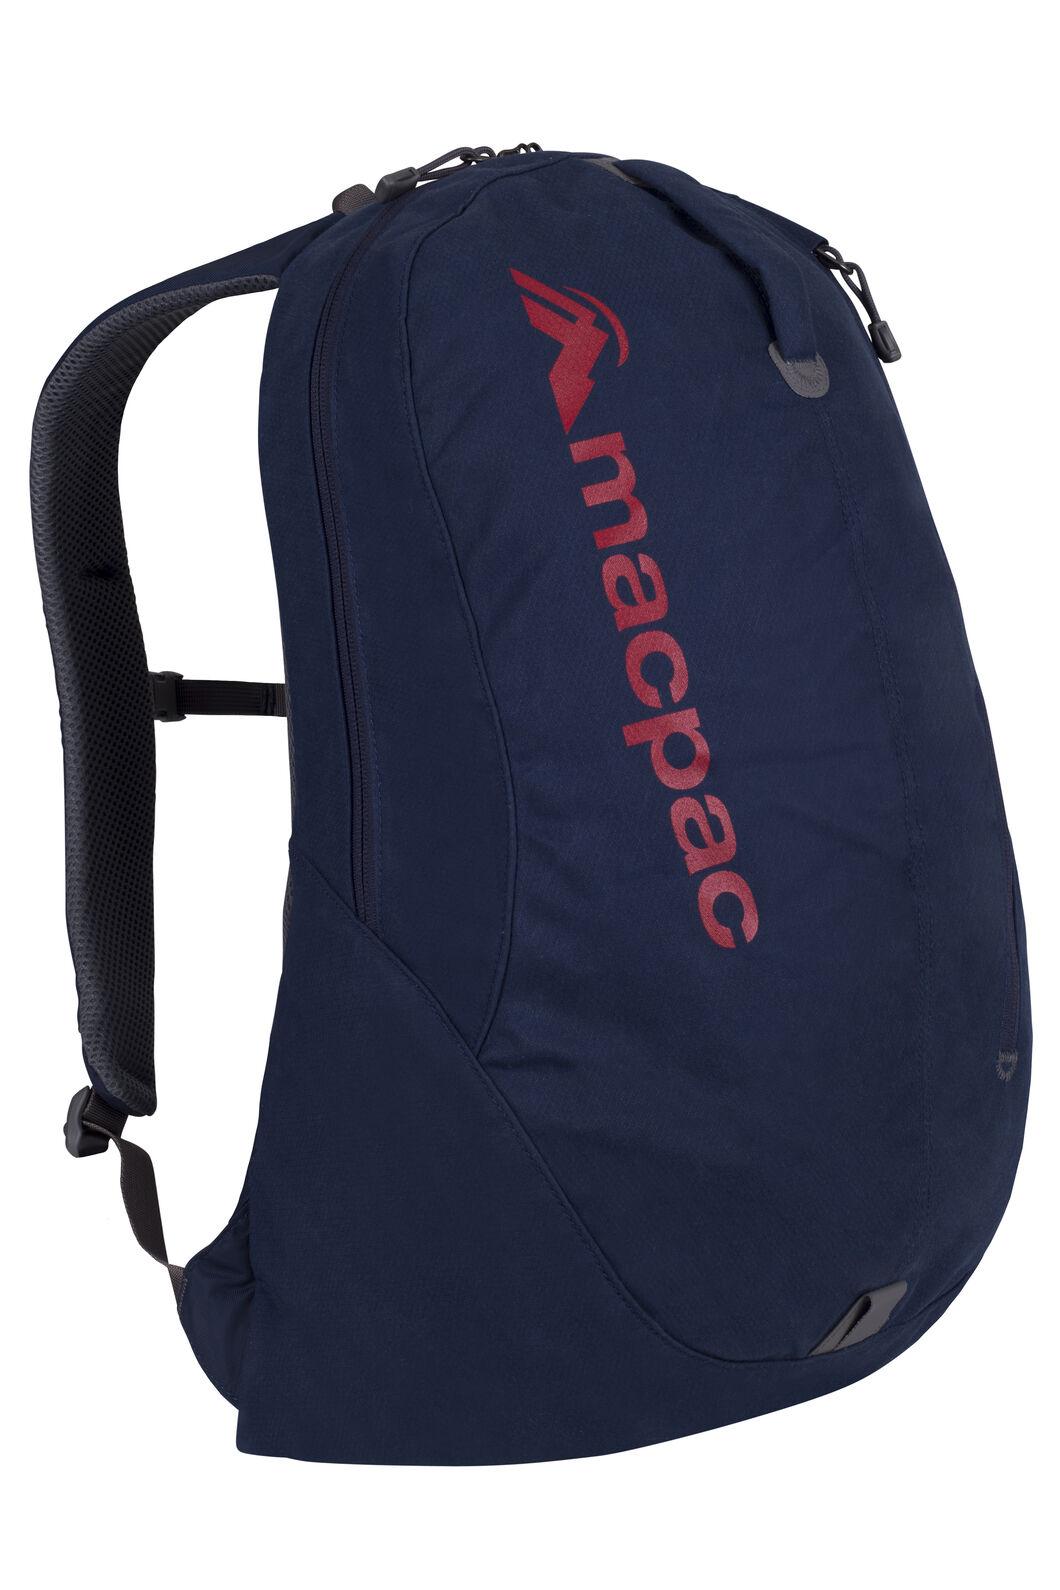 Macpac Kahu 22L AzTec® Backpack, Black Iris/Red, hi-res